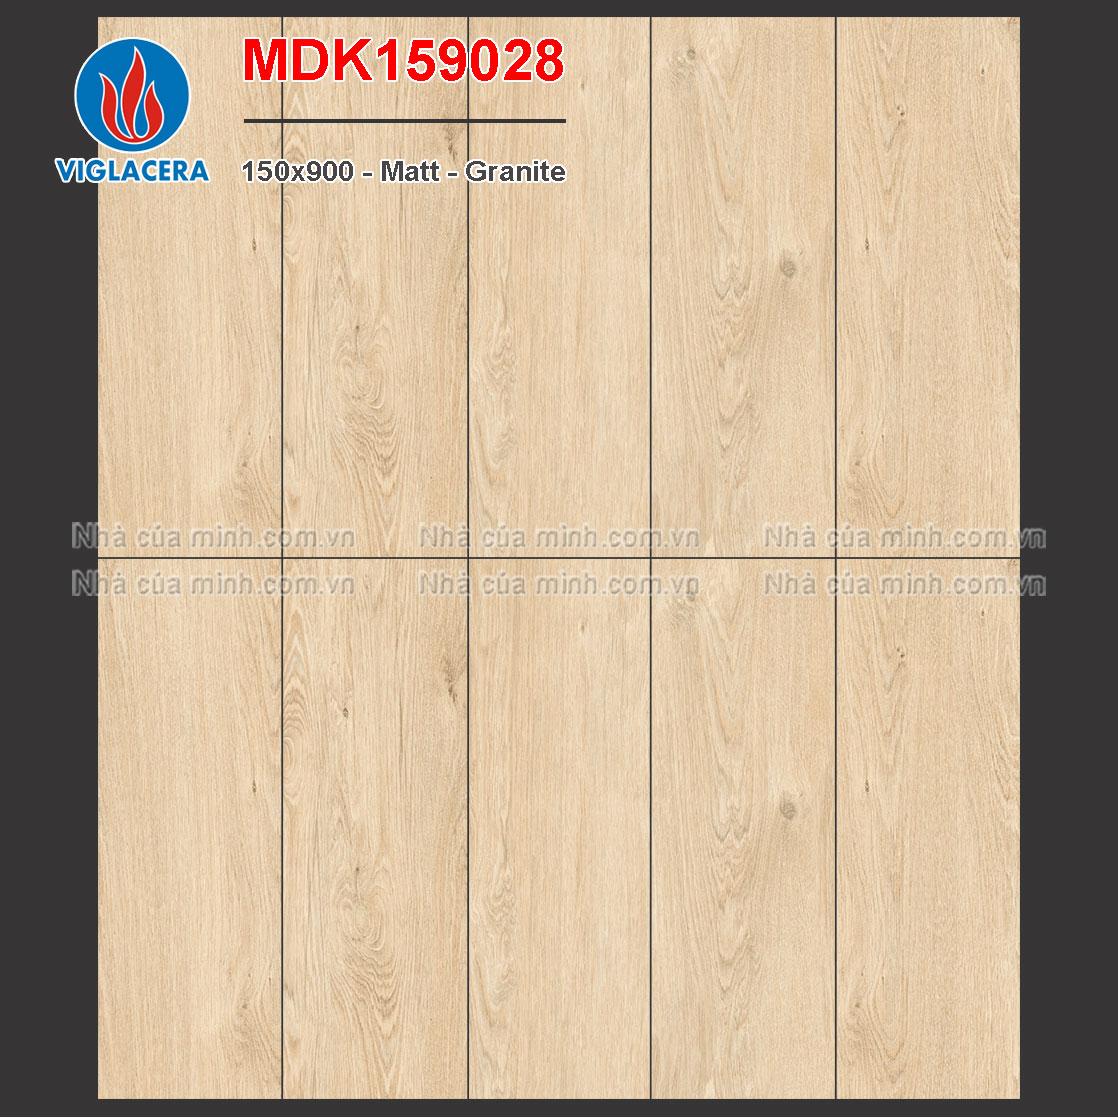 Gạch ốp lát Viglacera MDK159028 giá ưu đãi